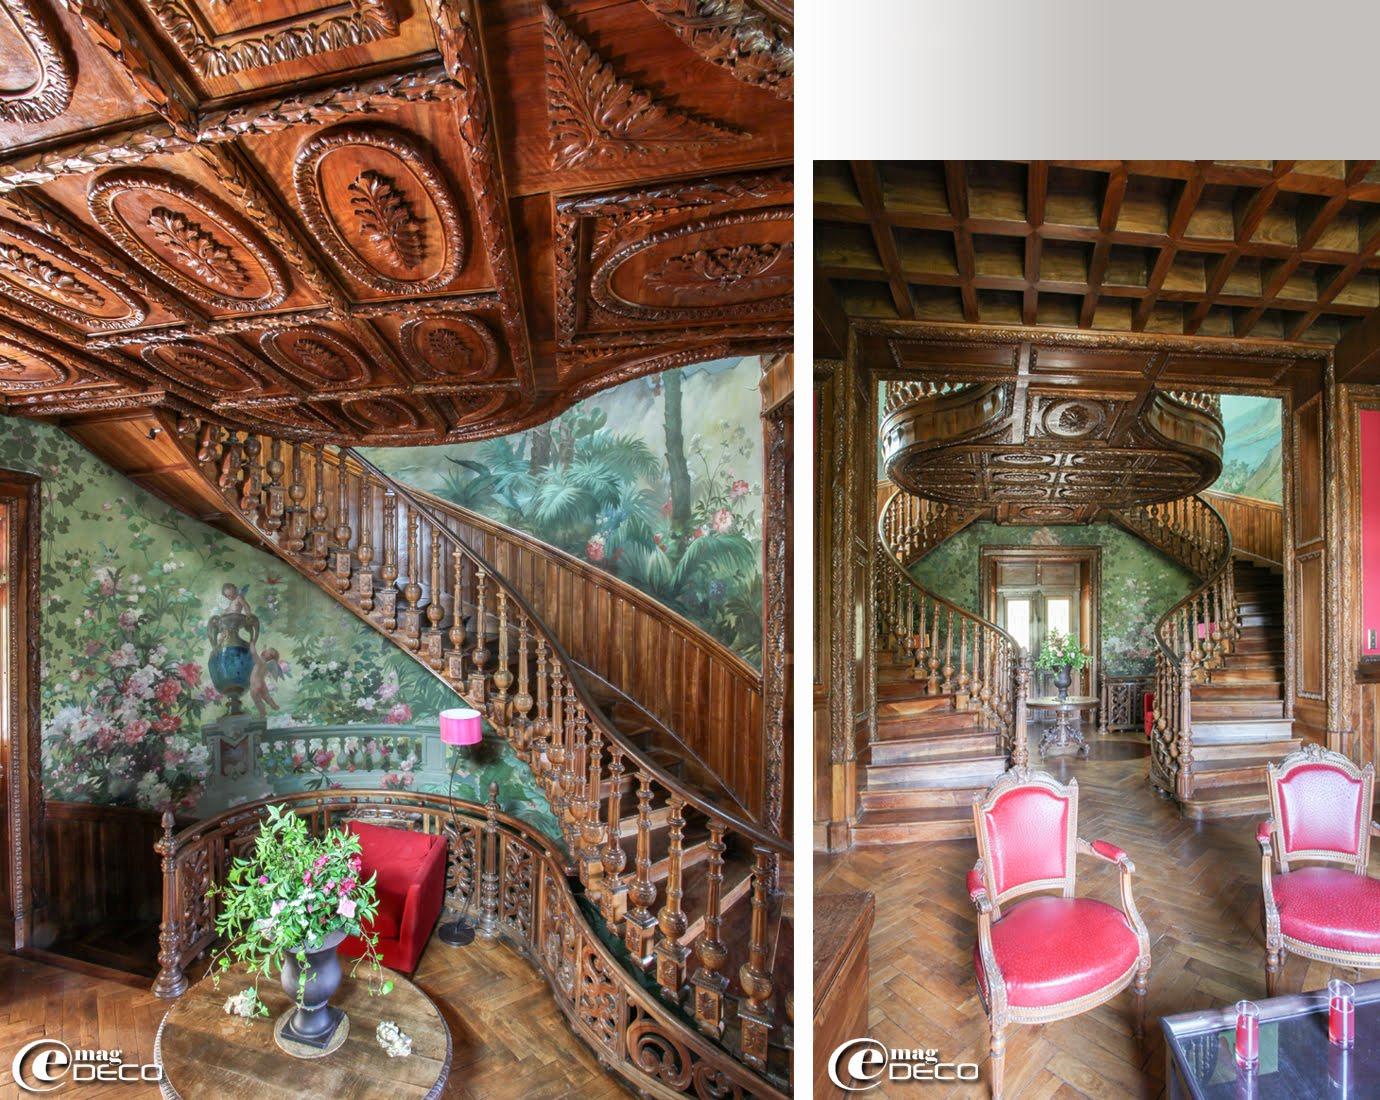 La cage d'escalier habillée de grands panoramiques en toile marouflé et l'escalier monumental en noyer du Château Clément à Vals-les-Bains en Ardèche